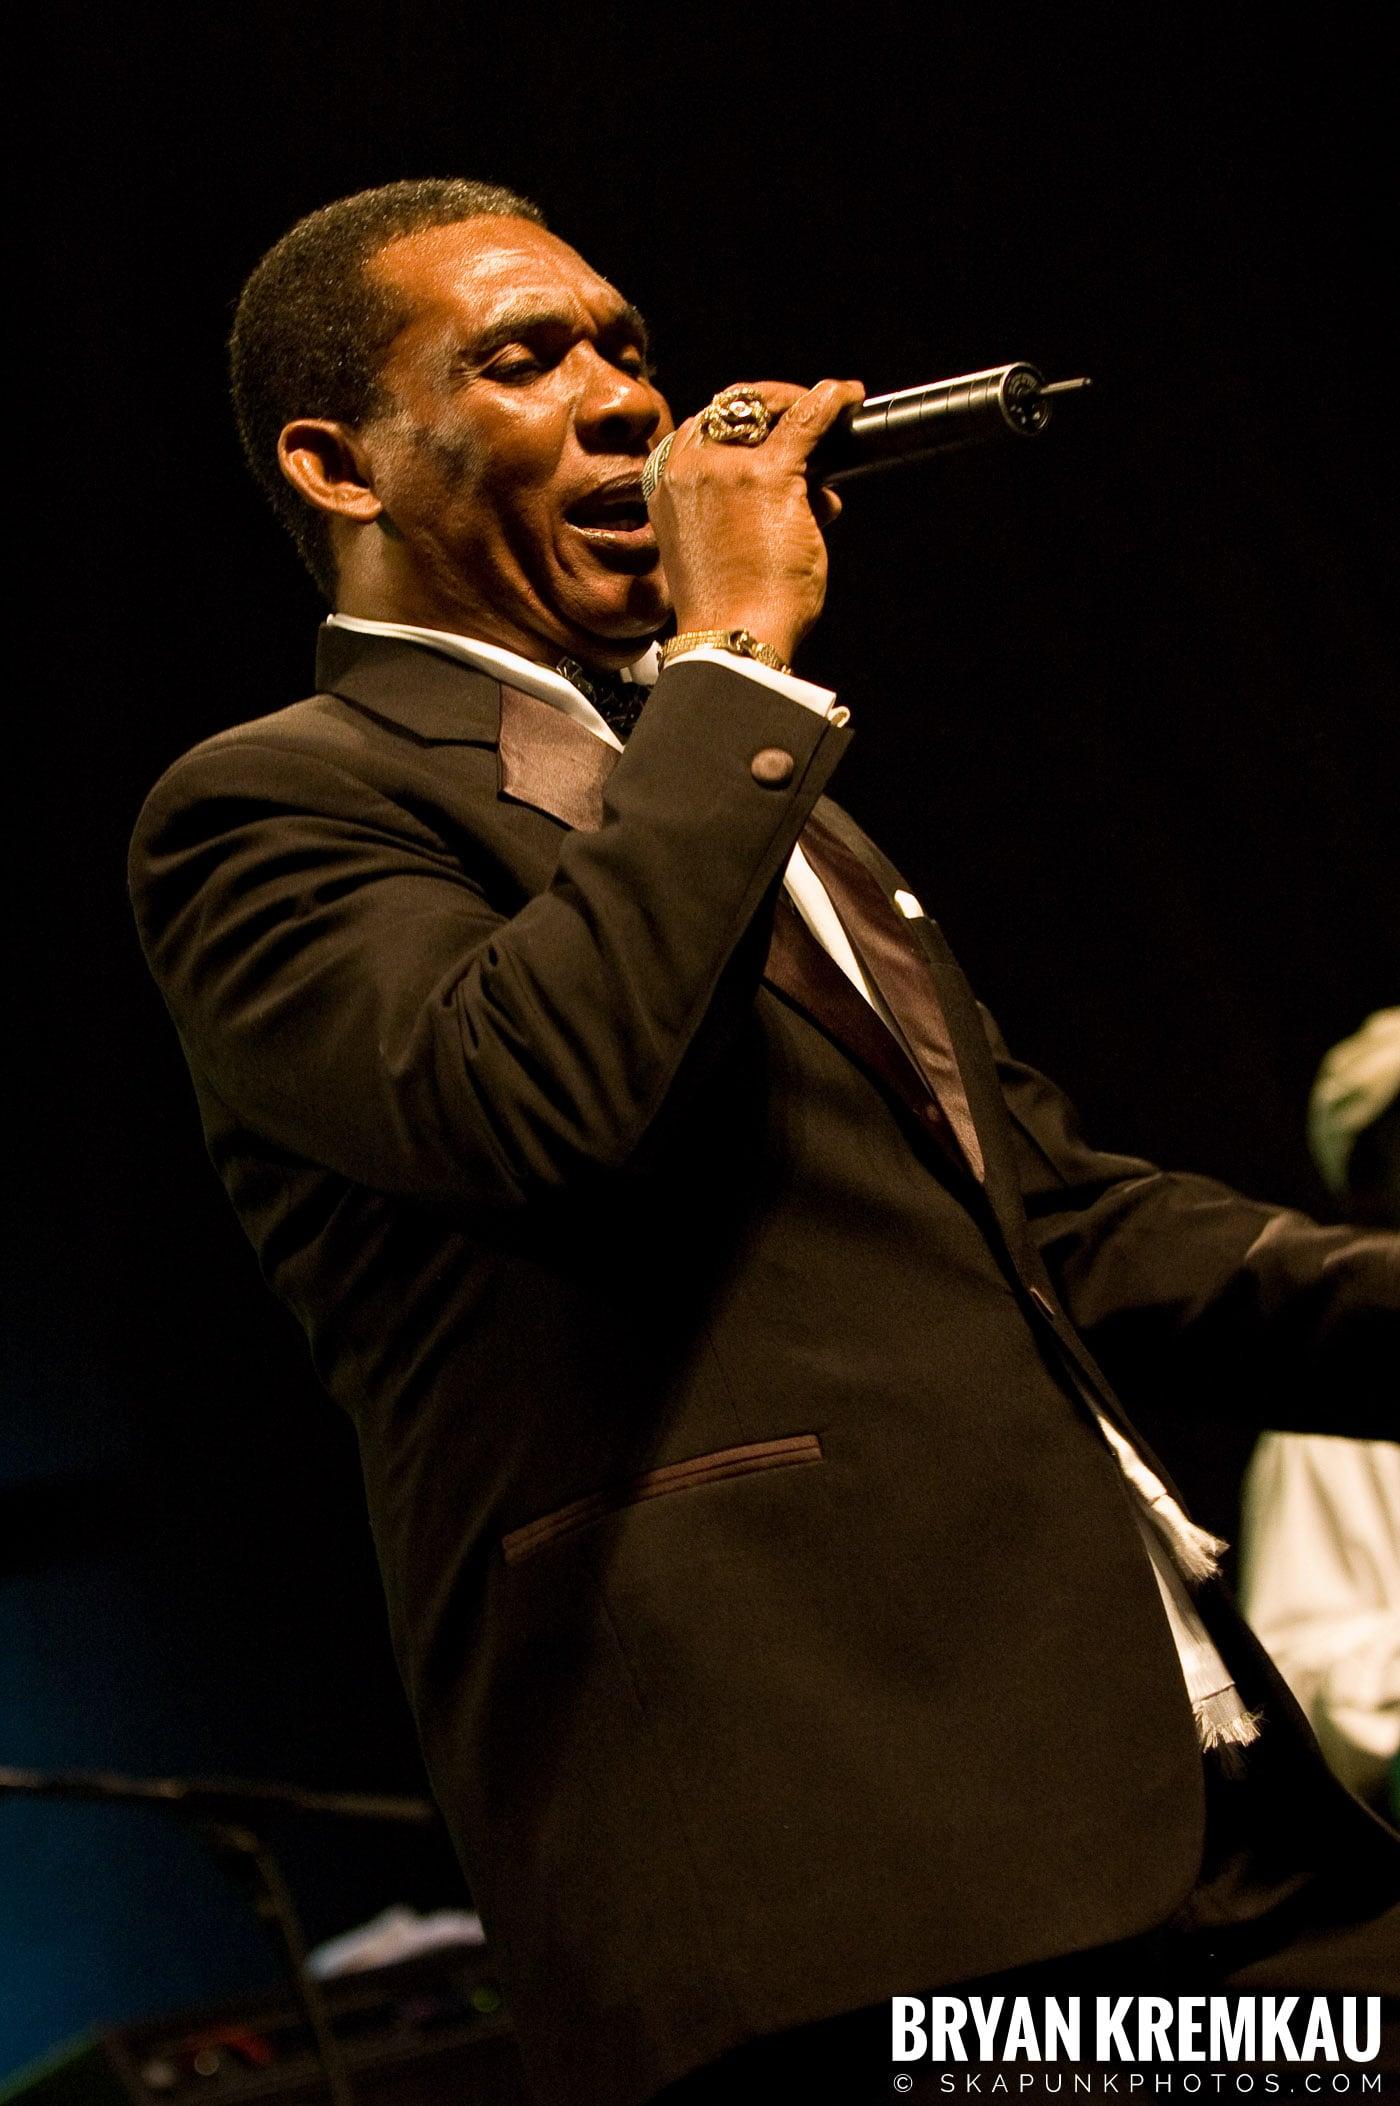 Ken Boothe @ Vintage Reggae Fest - Hammerstein Ballroom, NYC - 12.16.07 (12)